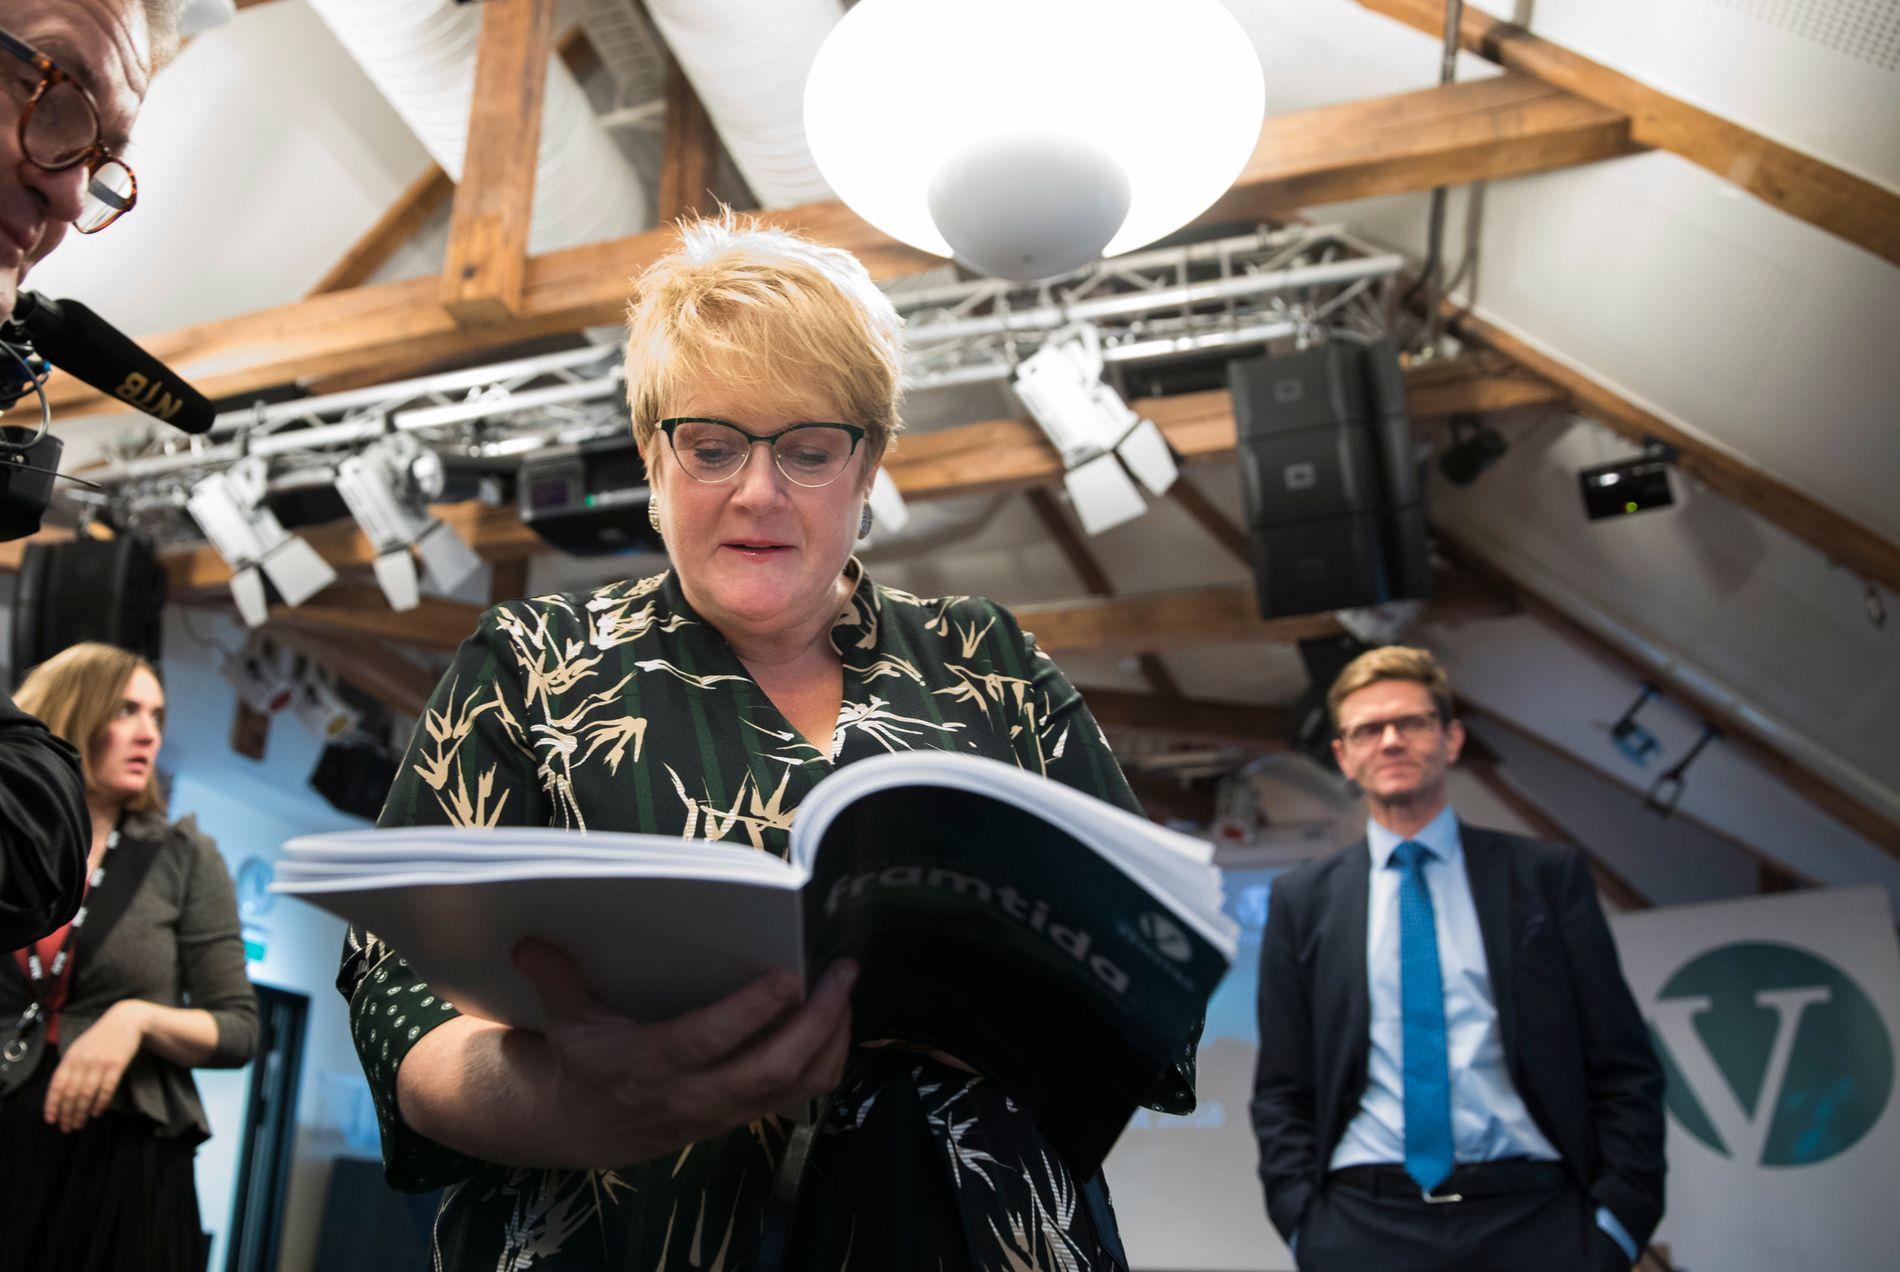 VENSTRES ALTERNATIV: Venstre-leder Trine Skei Grande og nestleder Terje Breivik (til høyre) har  mandag presentert partiets krav til budsjettforhandlingene med regjeringspartiene.